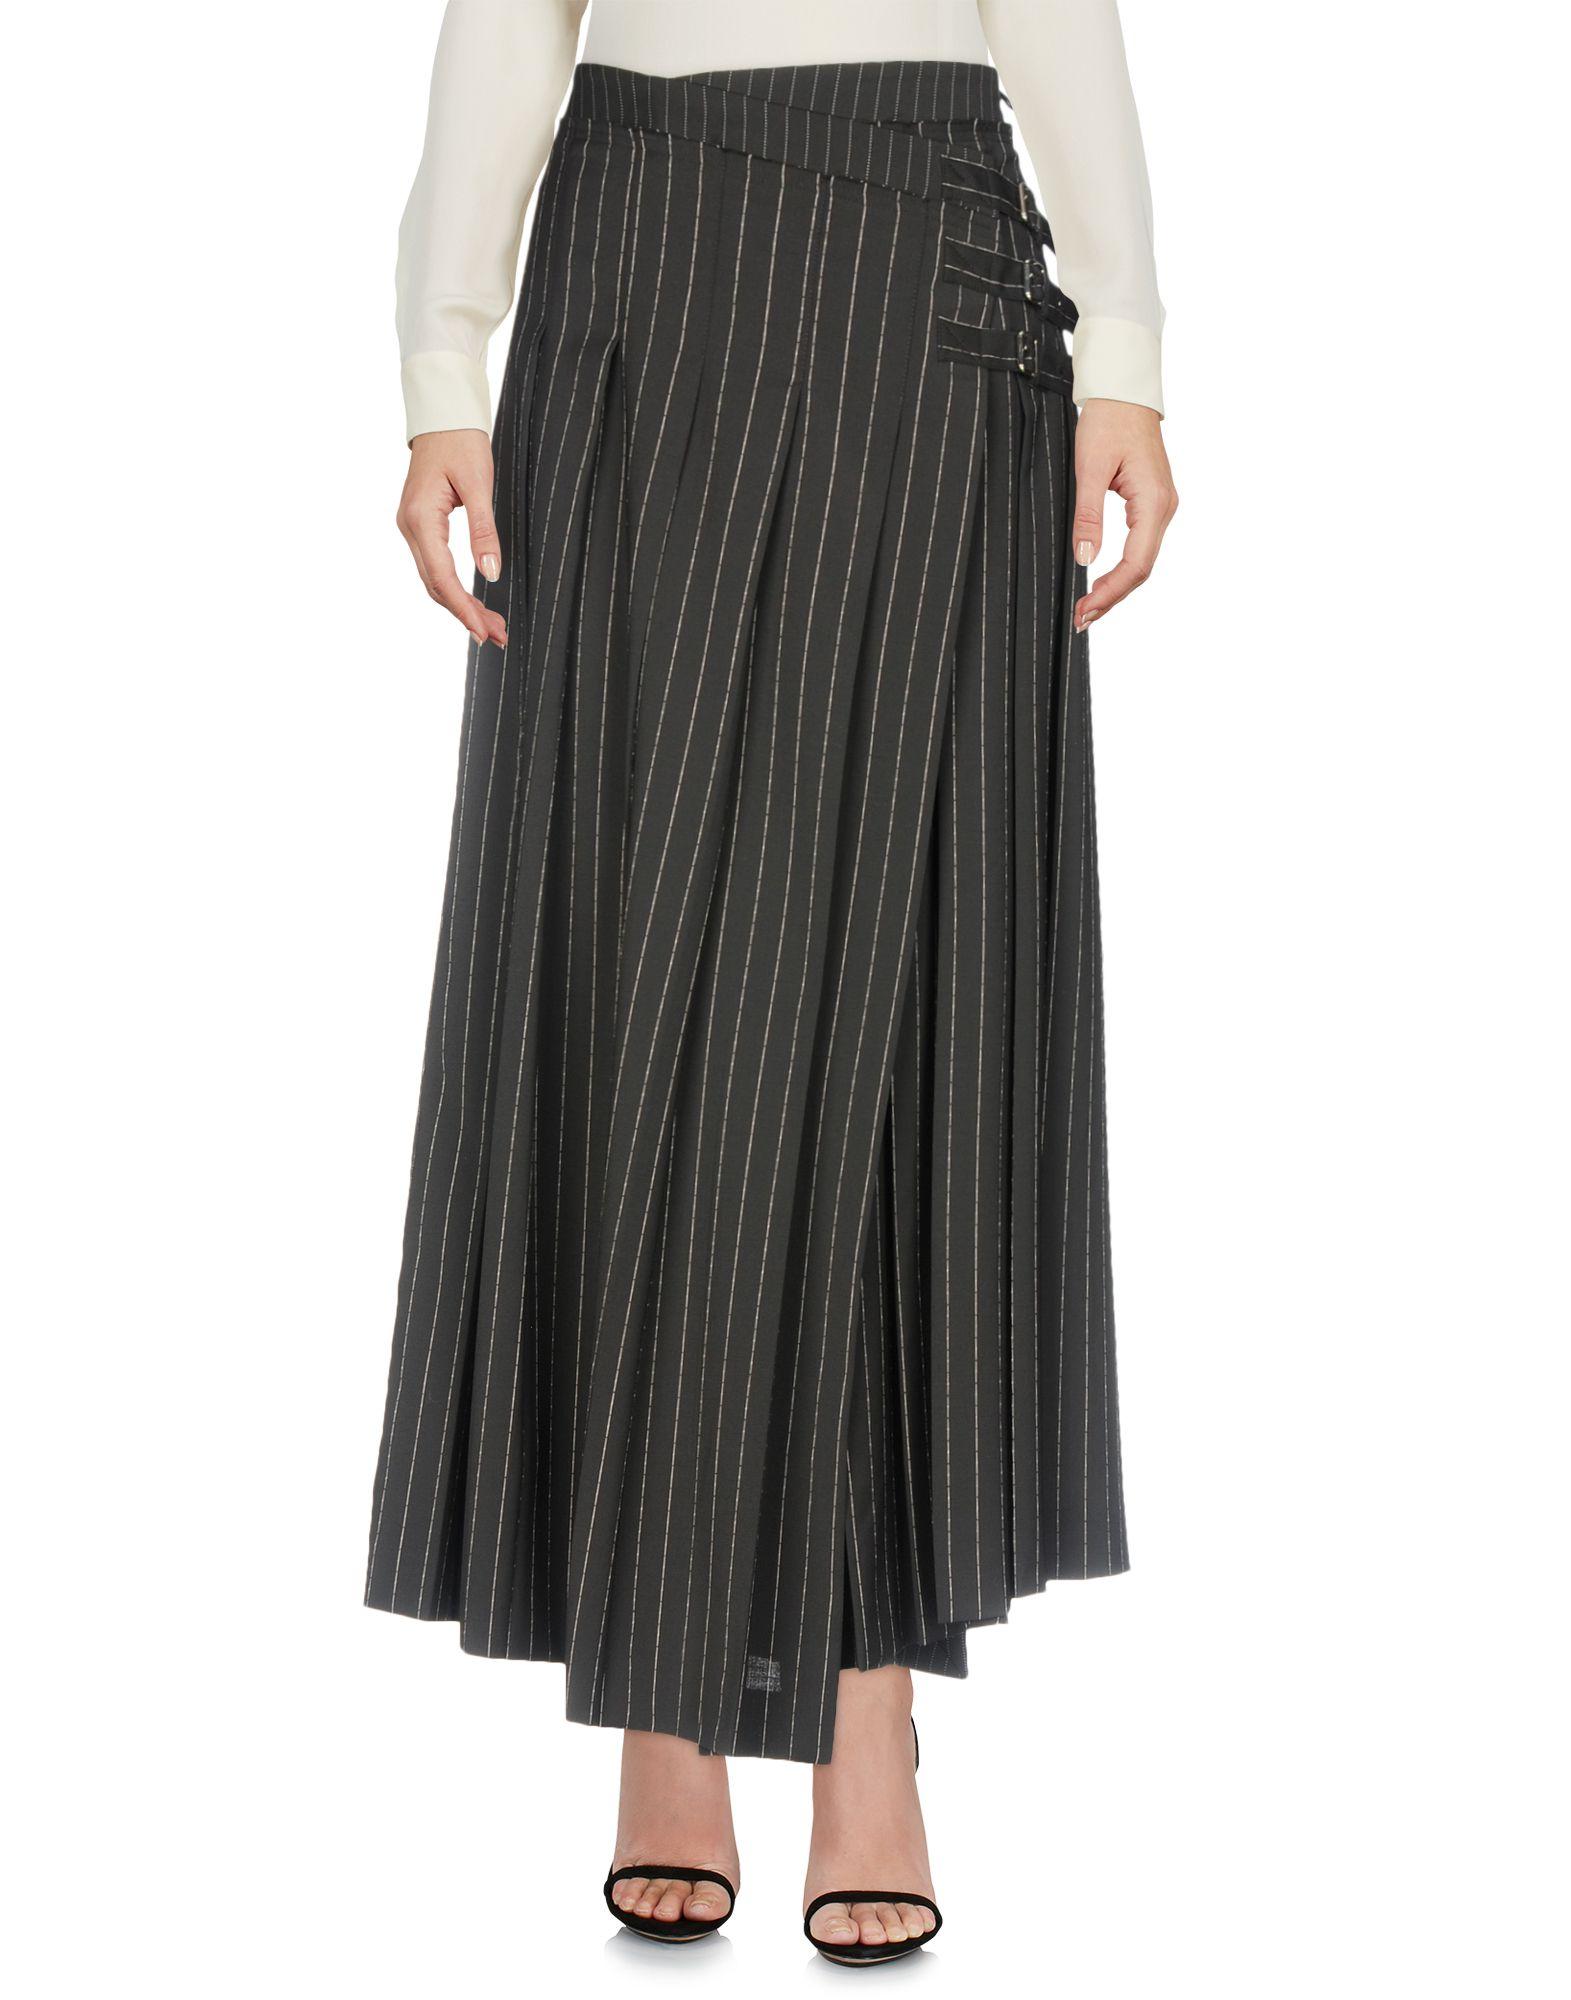 McQ Alexander McQueen Длинная юбка юбка alexander mcqueen mtp00150780 2015 mcq